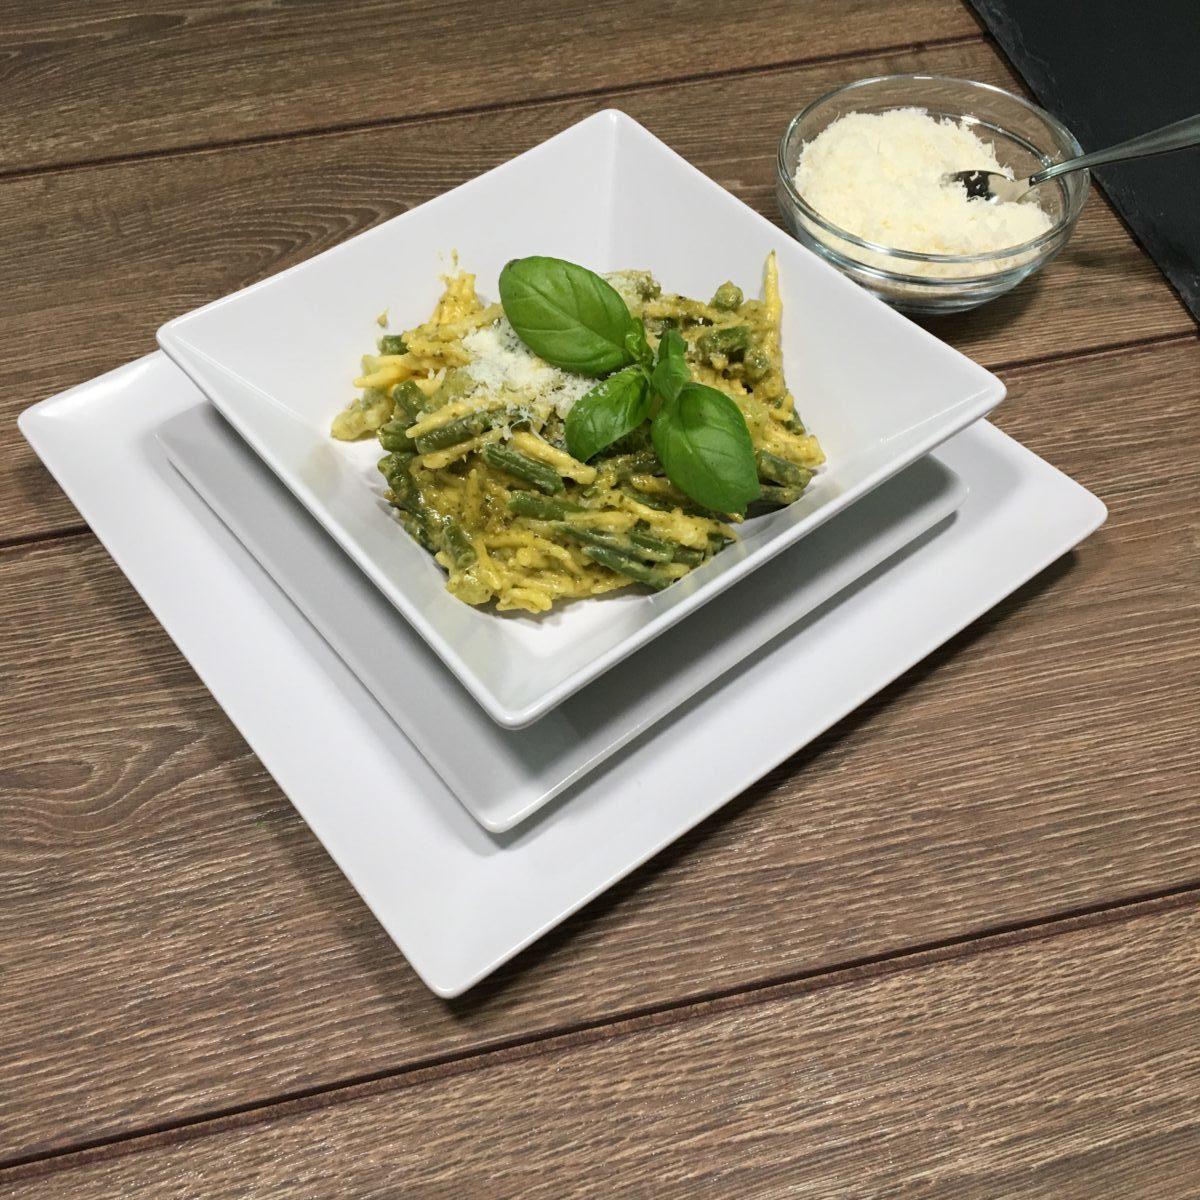 Trofie senza glutine col Pesto alla Genovese